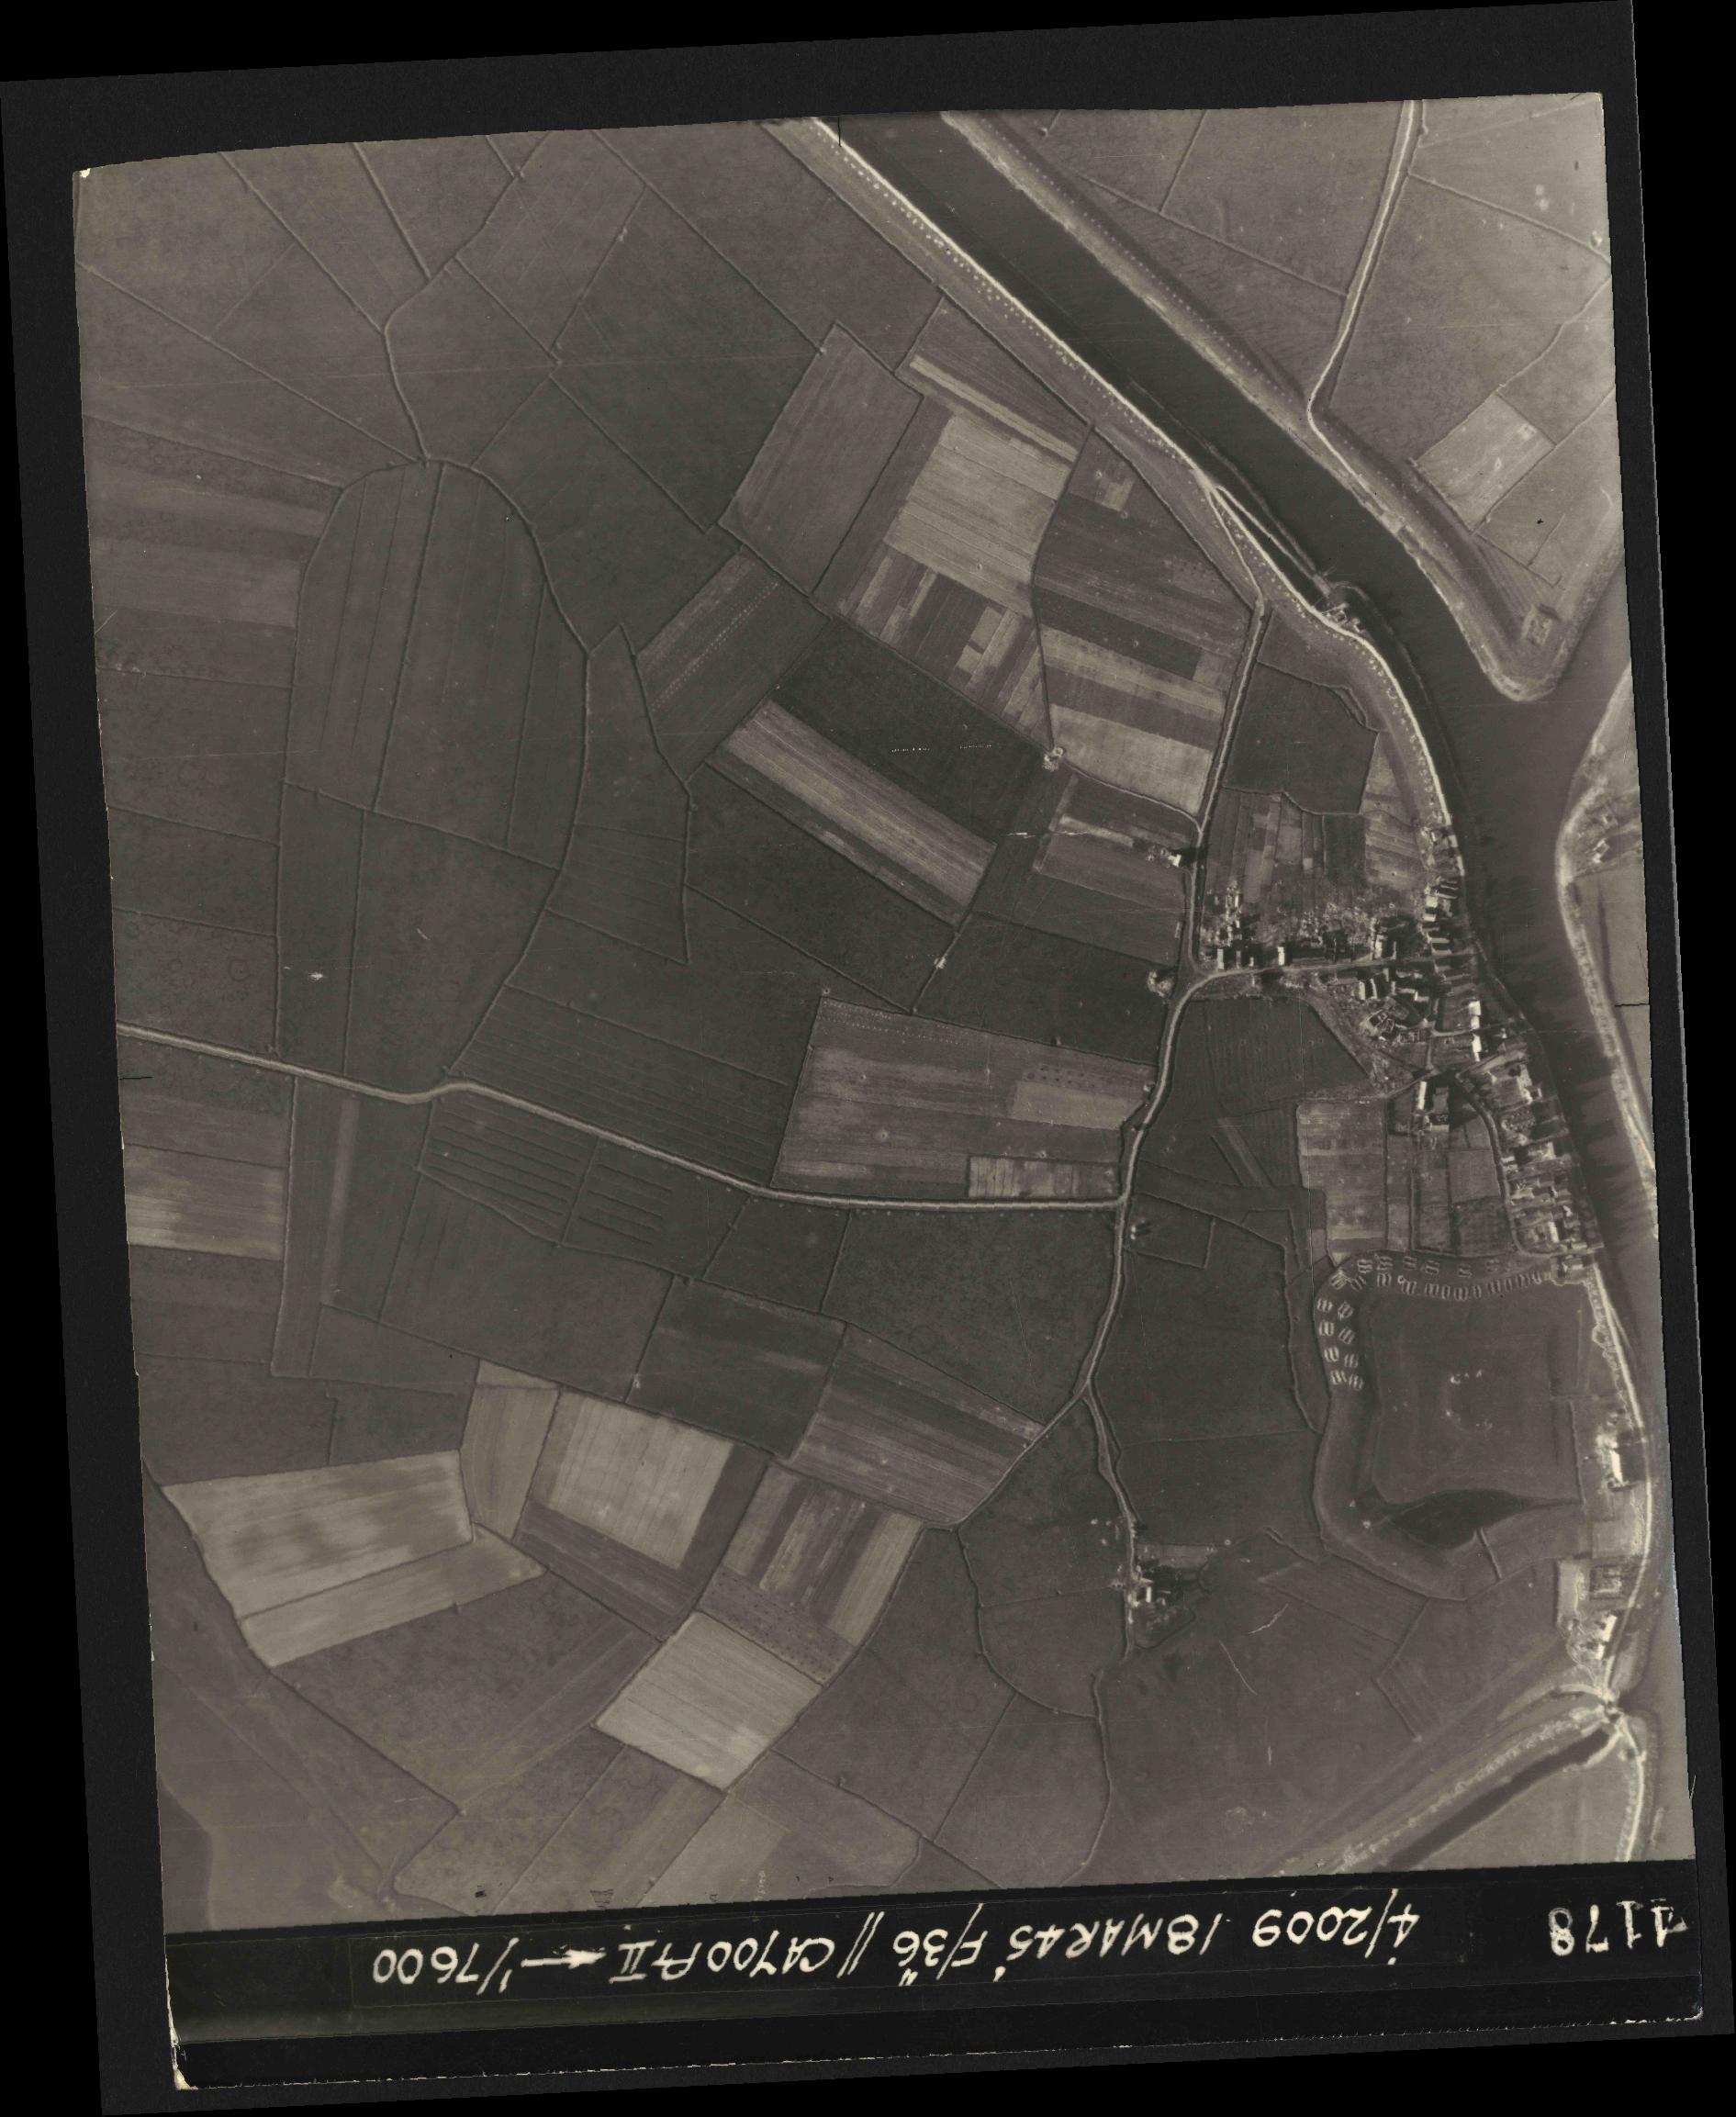 Collection RAF aerial photos 1940-1945 - flight 017, run 10, photo 4178